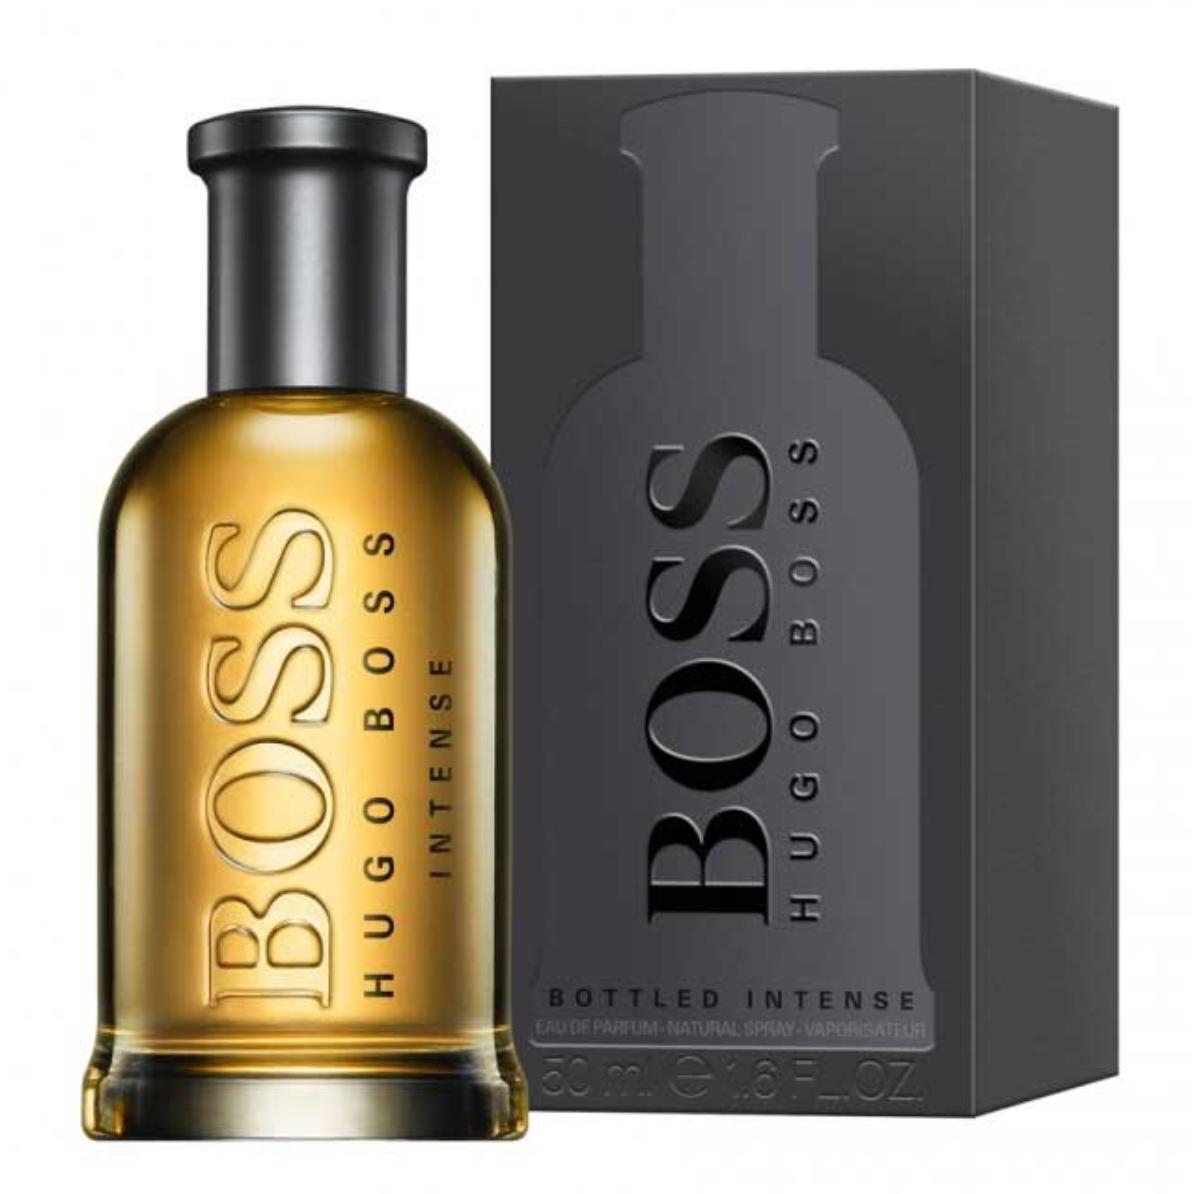 Hugo Boss - Bottled Intense - eau de parfum